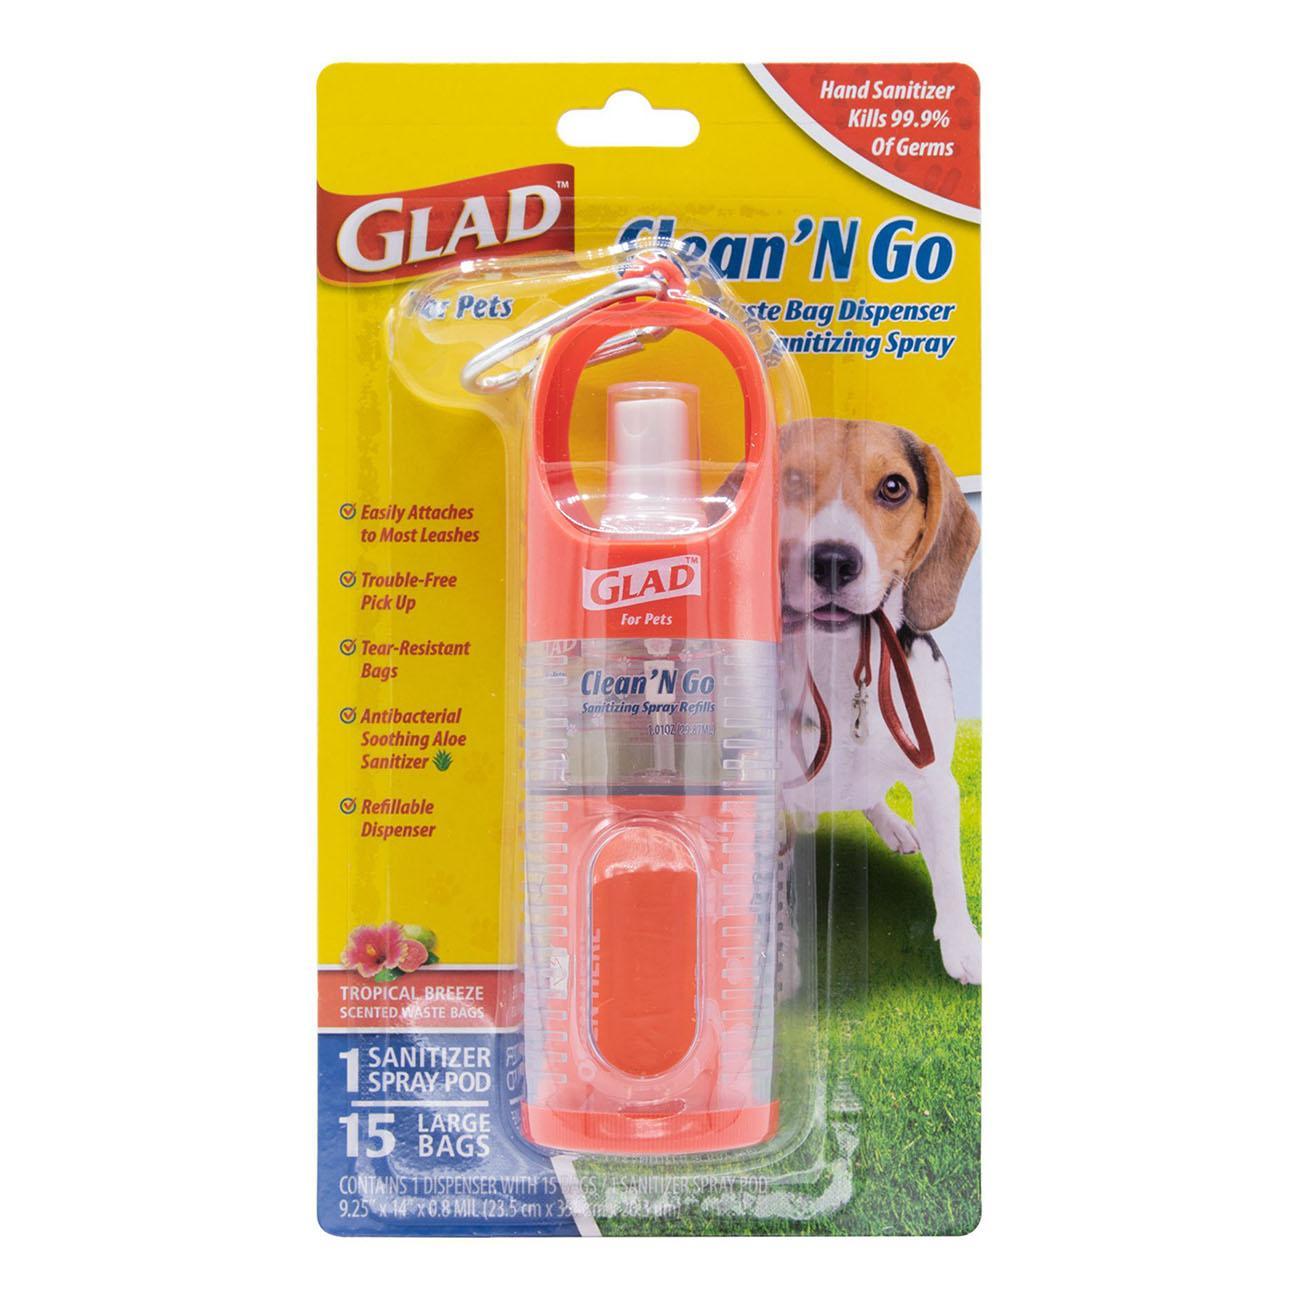 Glad for Pets Clean & Go Waste Bag Dispenser & Hand Sanitizer Spray